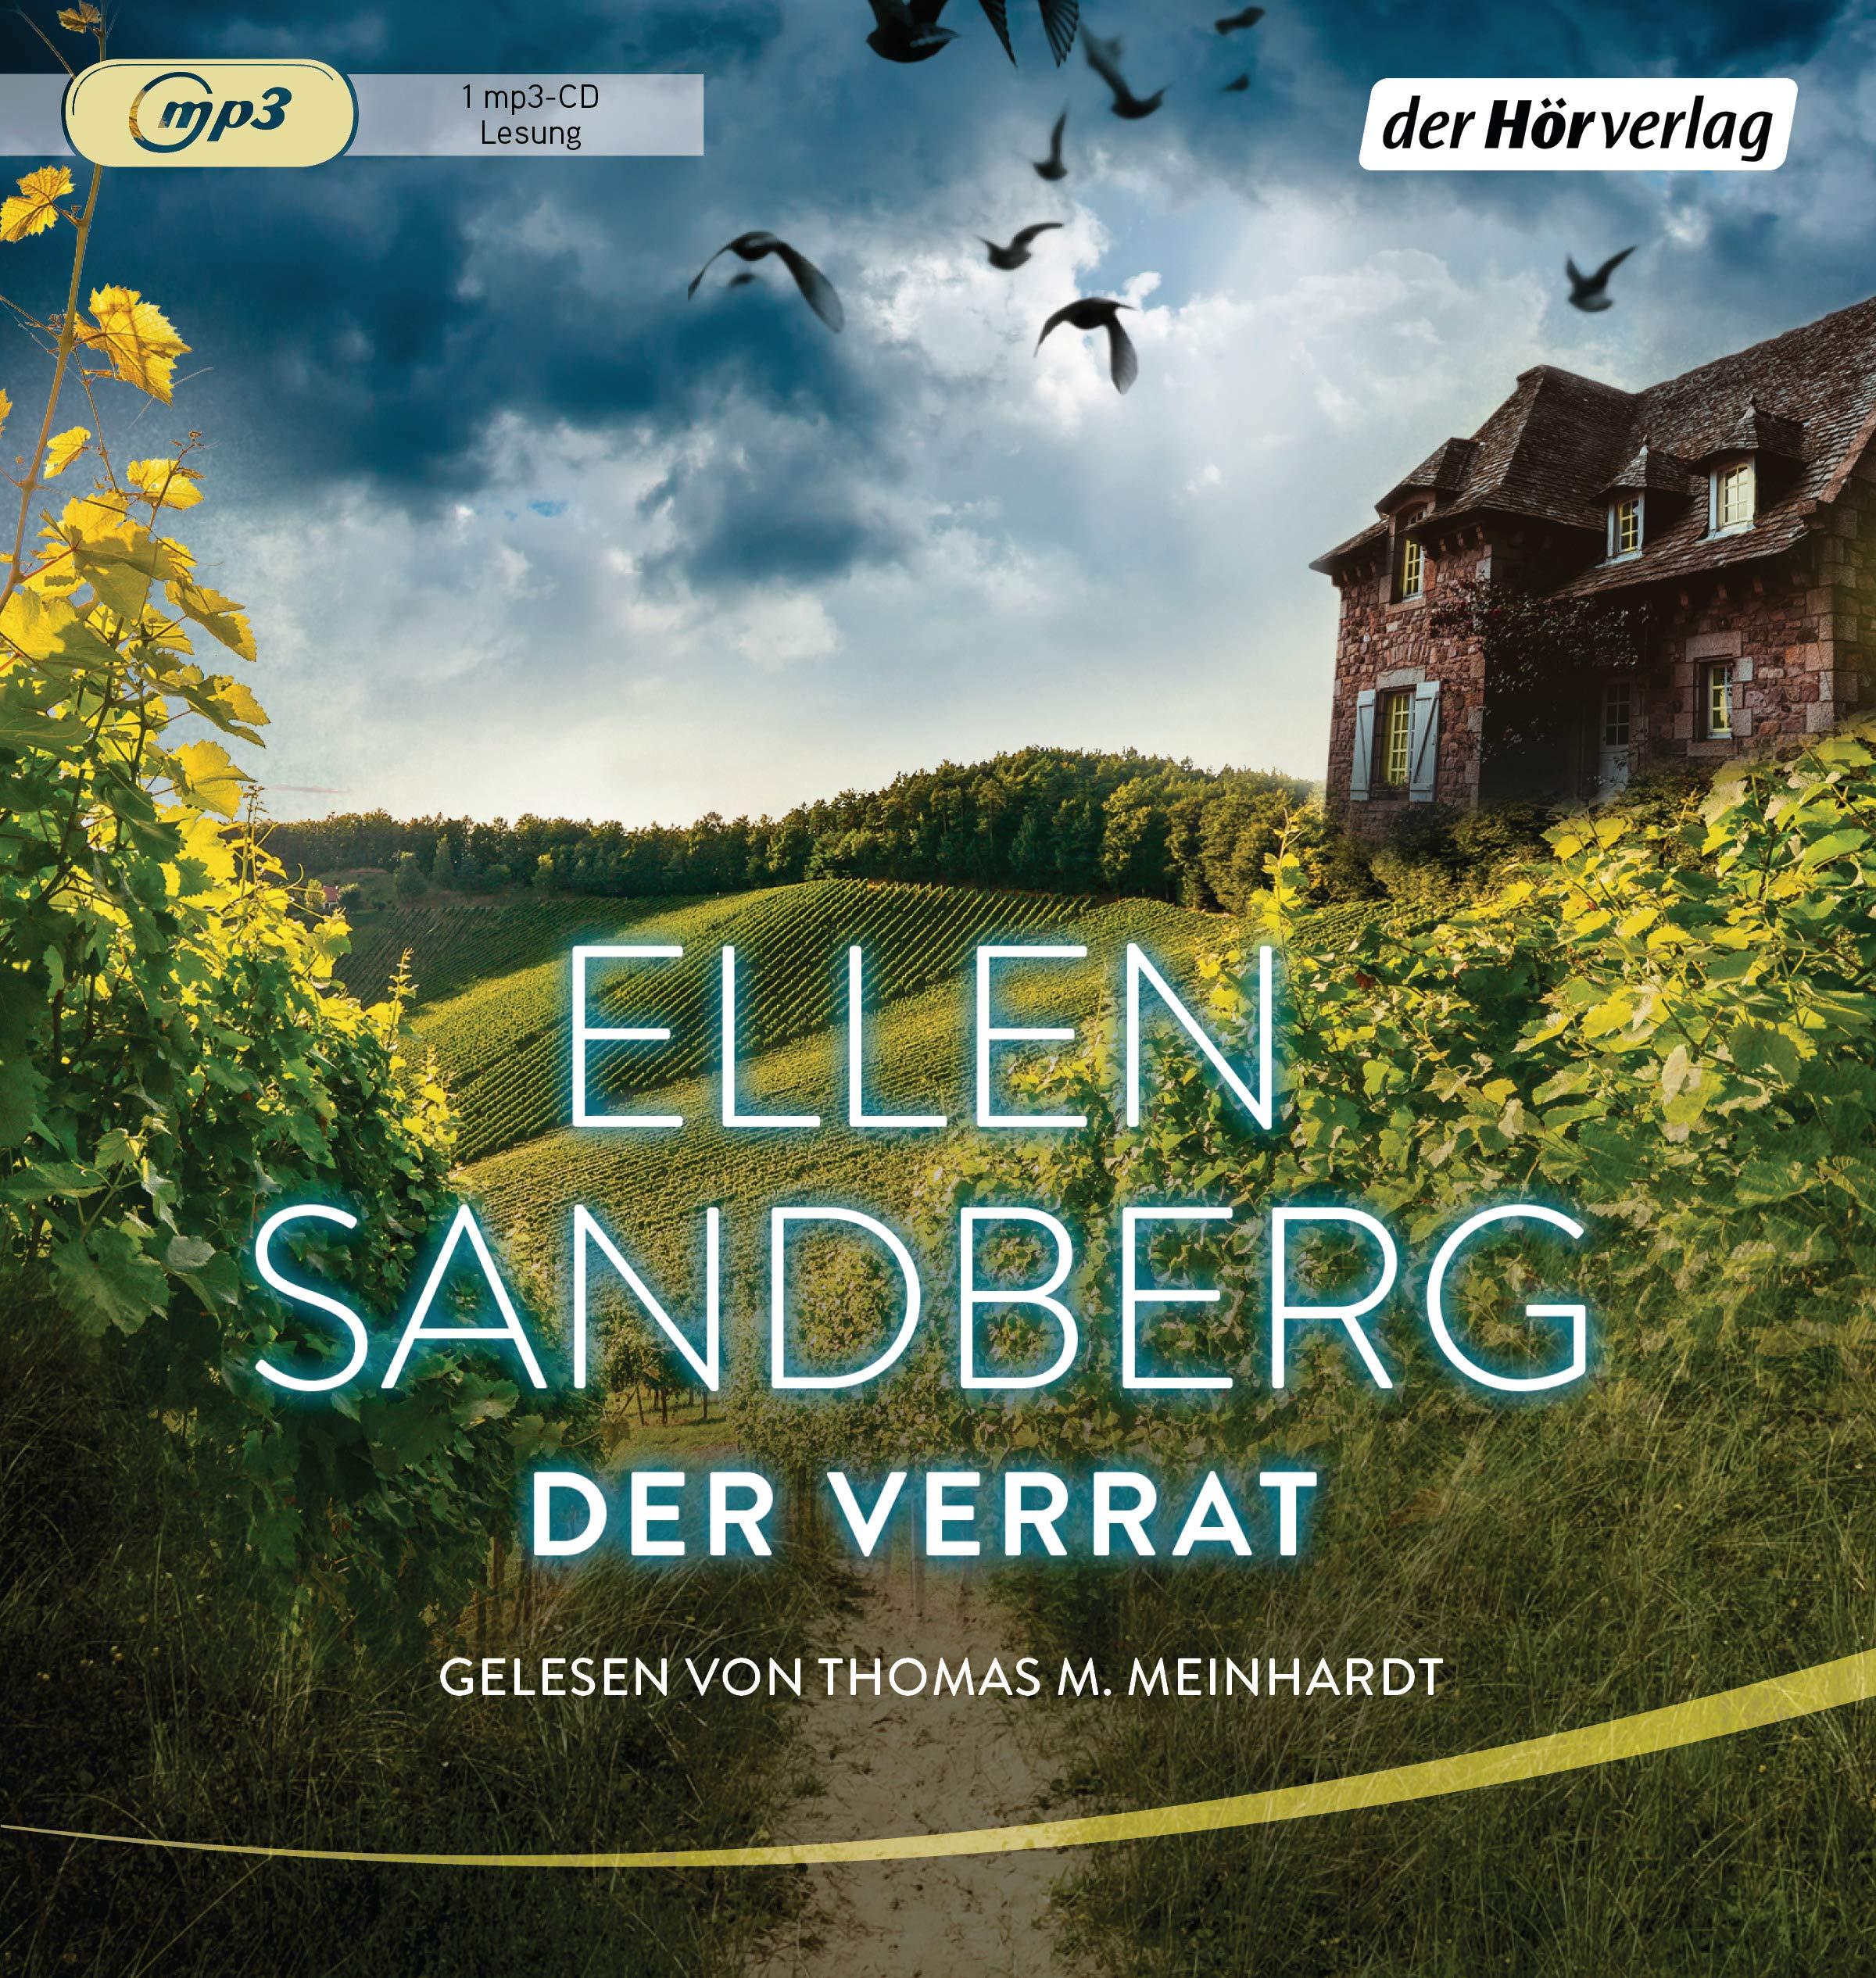 Der Verrat: Roman Hörkassette – Gekürzte Ausgabe, Audiobook, MP3 Audio Ellen Sandberg Thomas M. Meinhardt der Hörverlag 384453203X